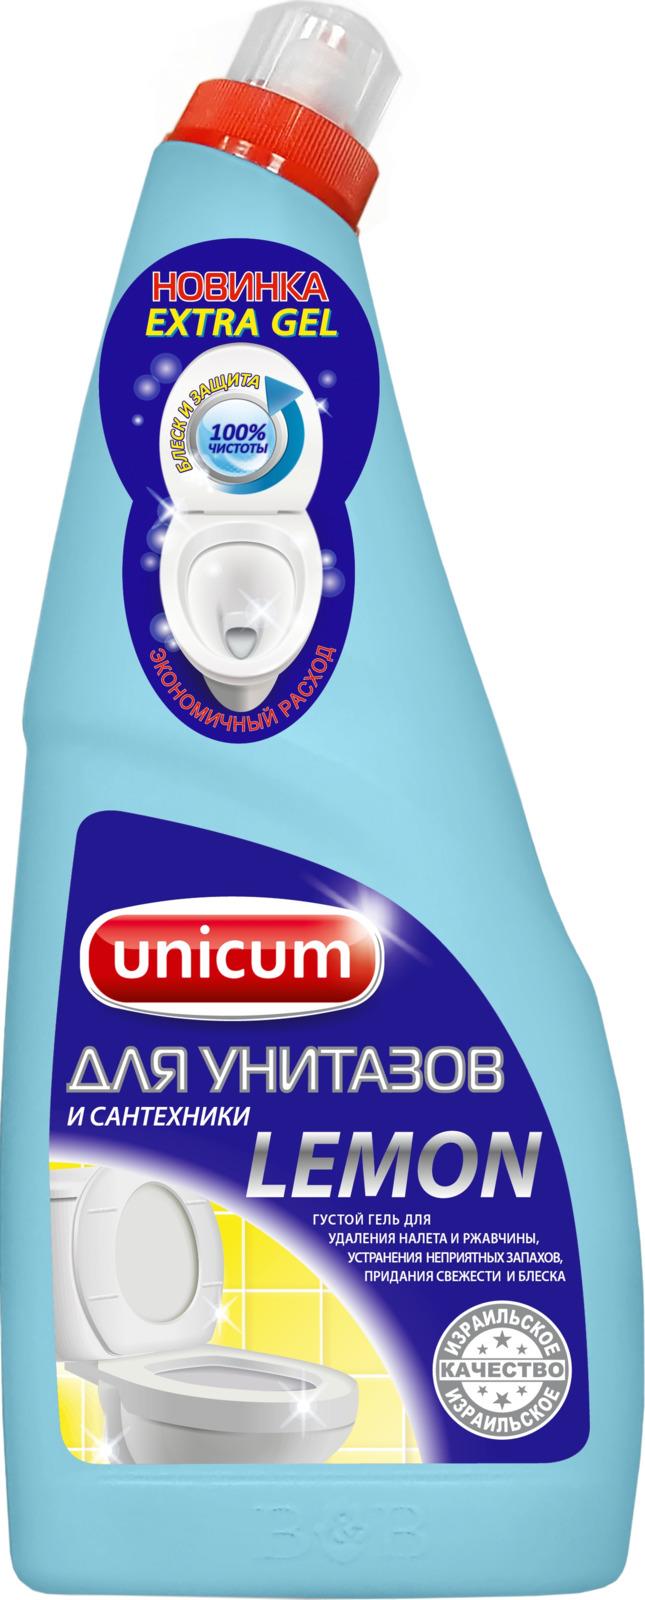 Гель для чистки унитазов Unicum Лимон, 750 мл гель unicum для чистки унитазов лимон 750 мл